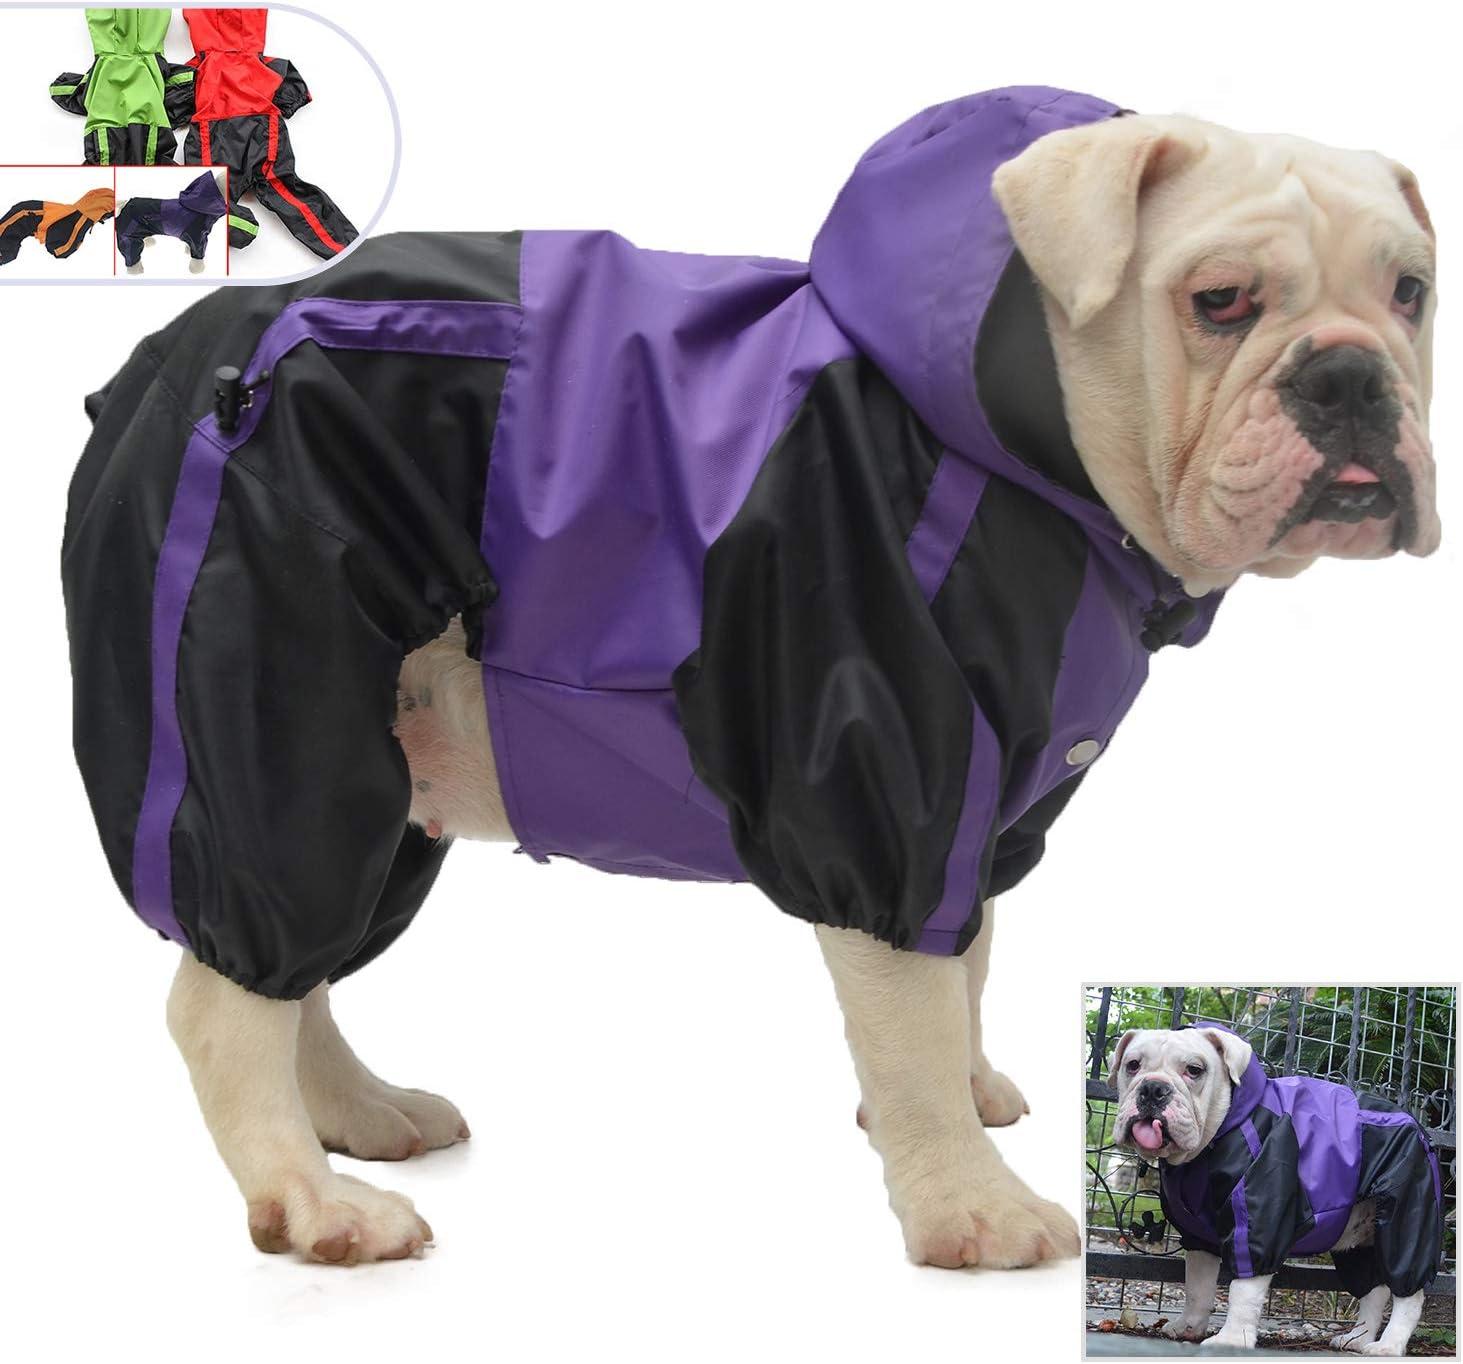 Gro/ße Hunde Bulldogge Der Dachhund Corgi. Mittel Atmungsaktive Regenjacke mit Vier Beinen im Freien Einstellbare wasserdichte Regenjacke f/ür Kleine lovelonglong Hunde Regenmantel mit Hoodie